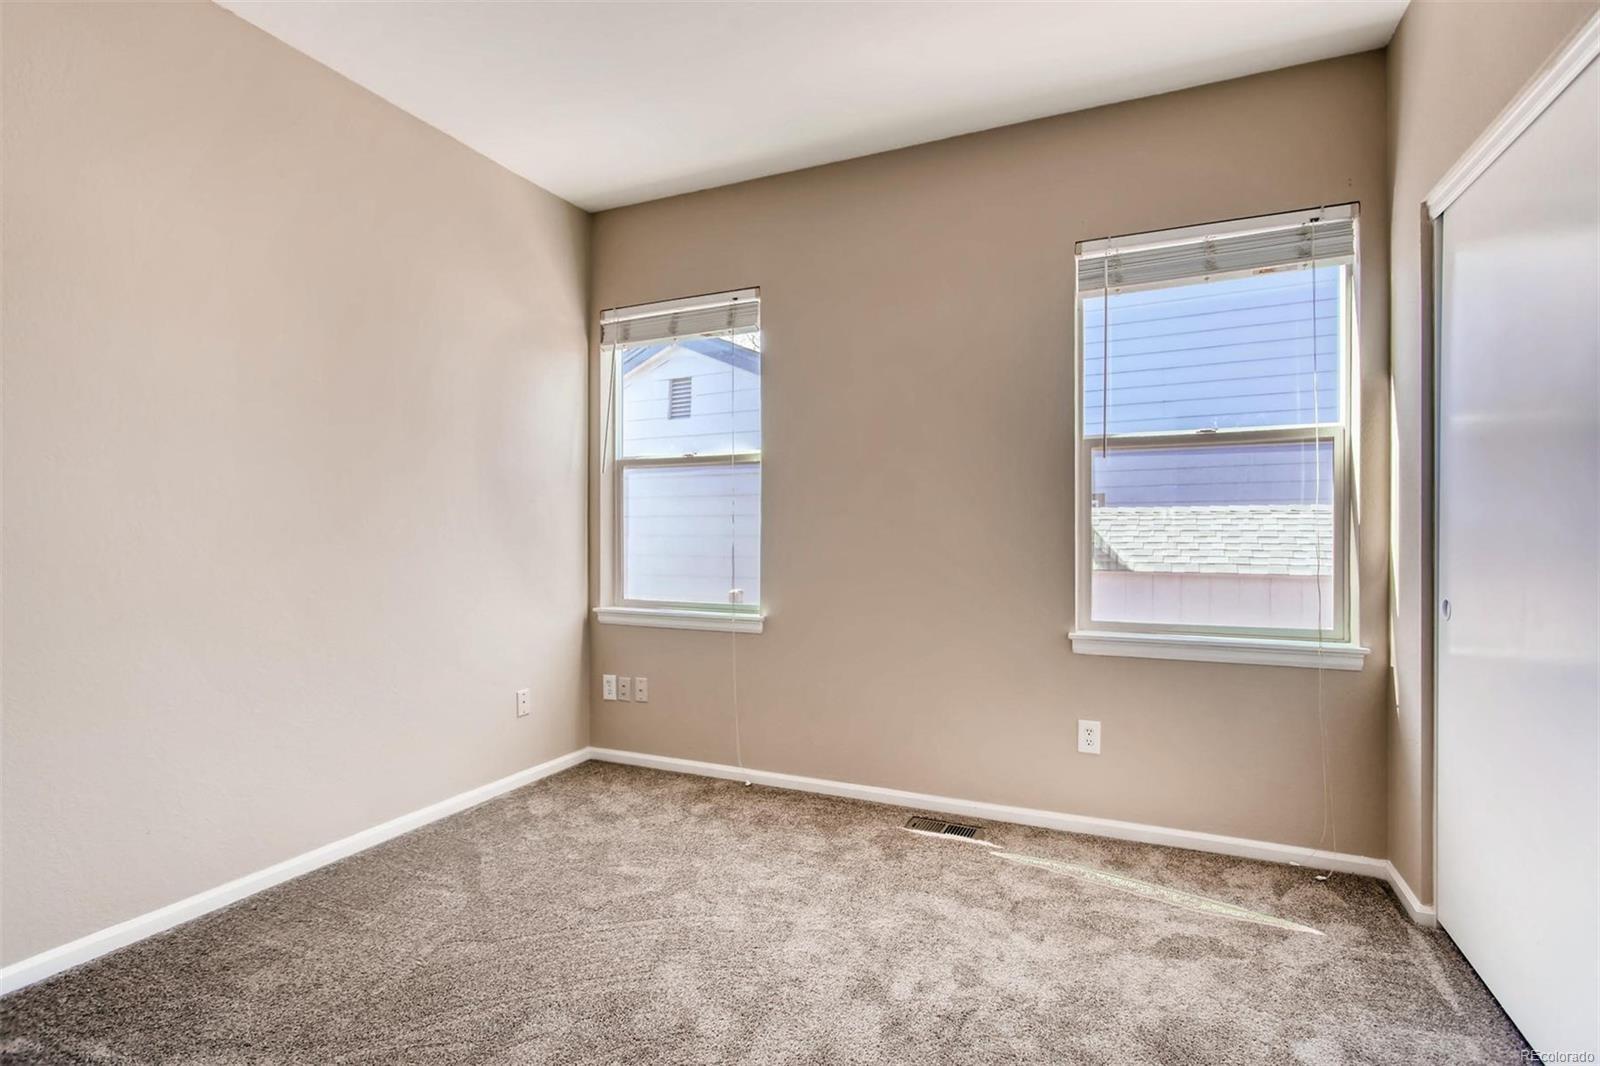 MLS# 4002648 - 1 - 2295  Sandhurst Drive, Castle Rock, CO 80104